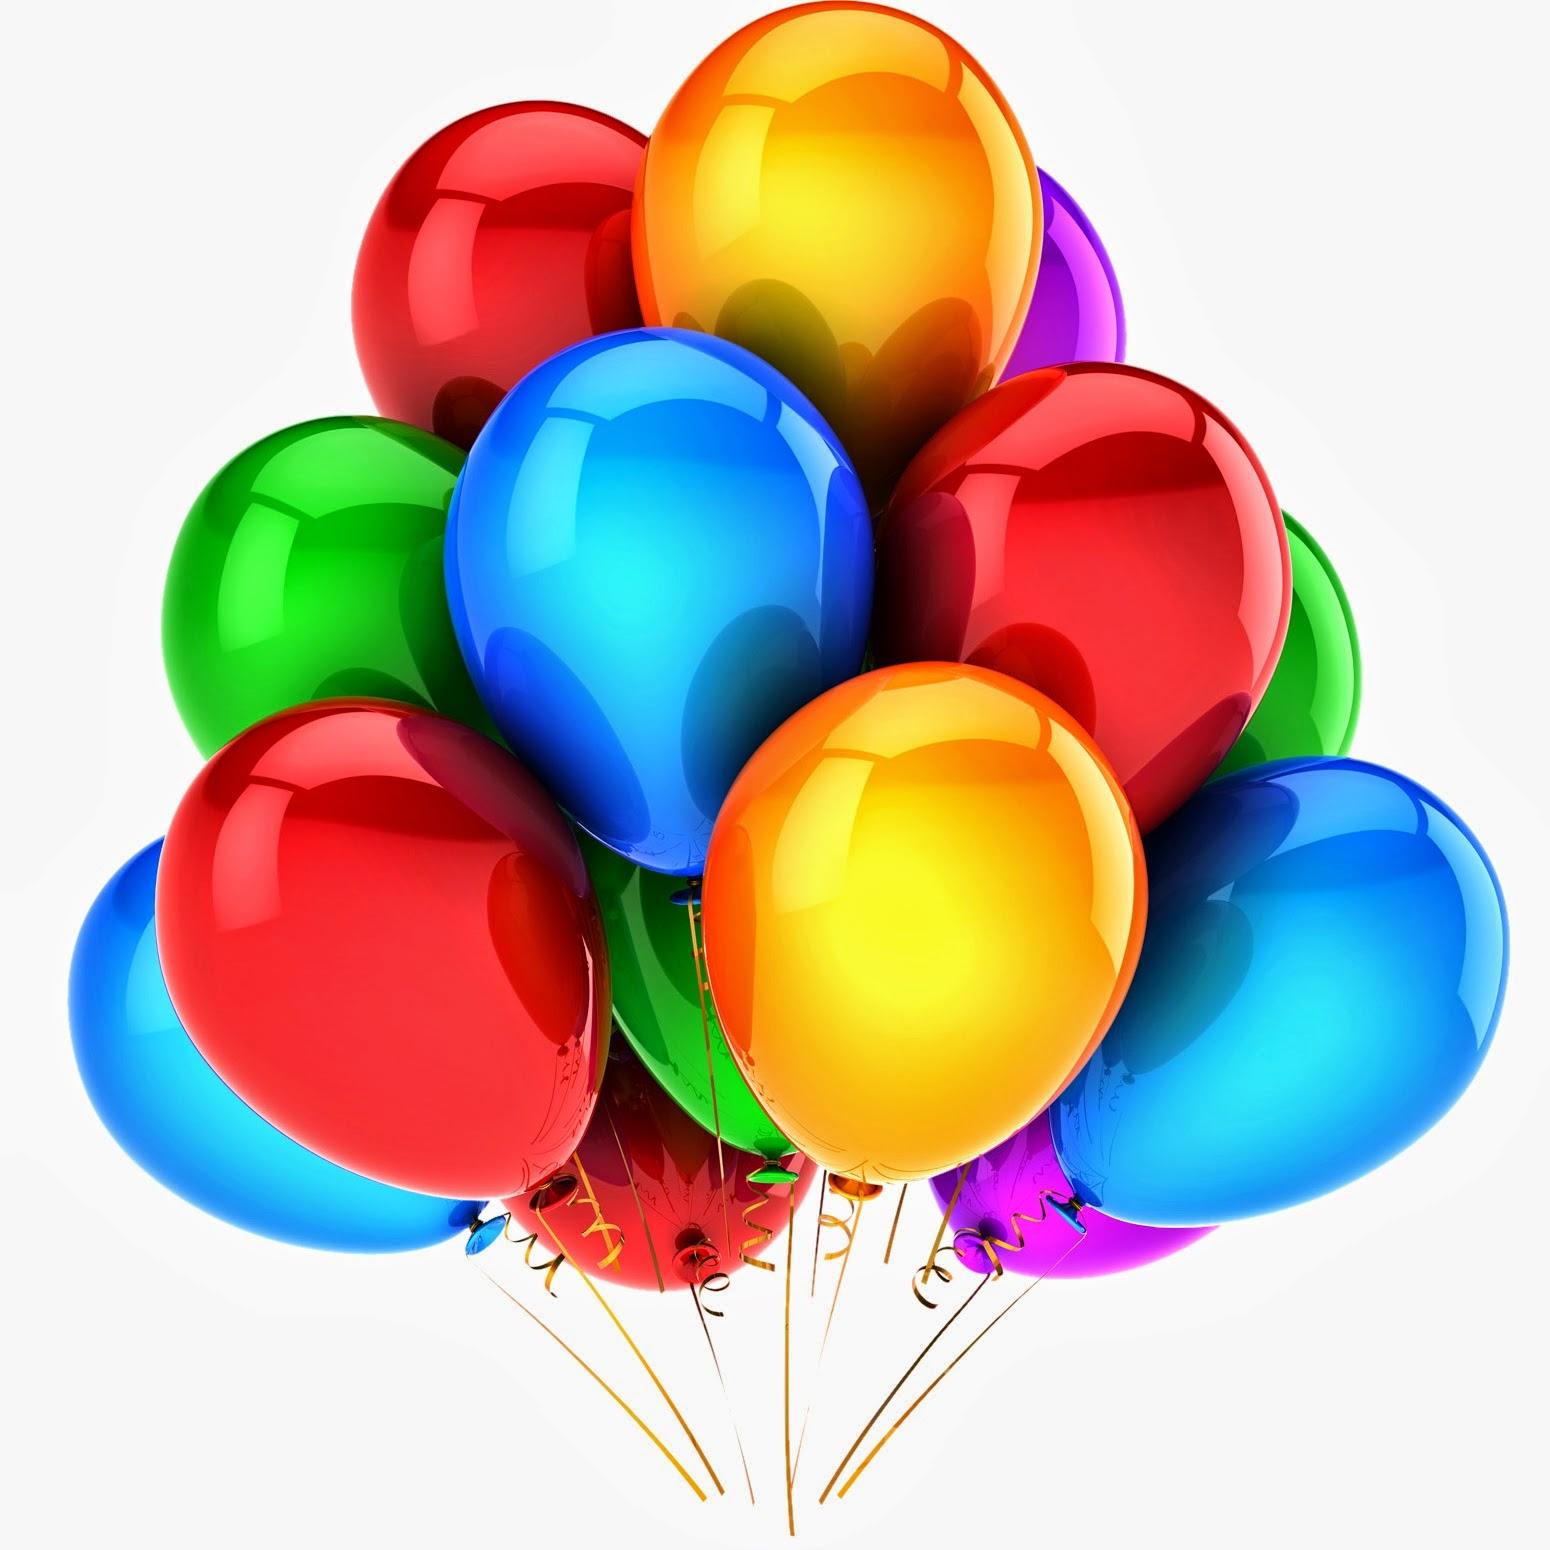 Gifs y fondos paz enla tormenta im genes de globos - Happy birthday balloon images hd ...